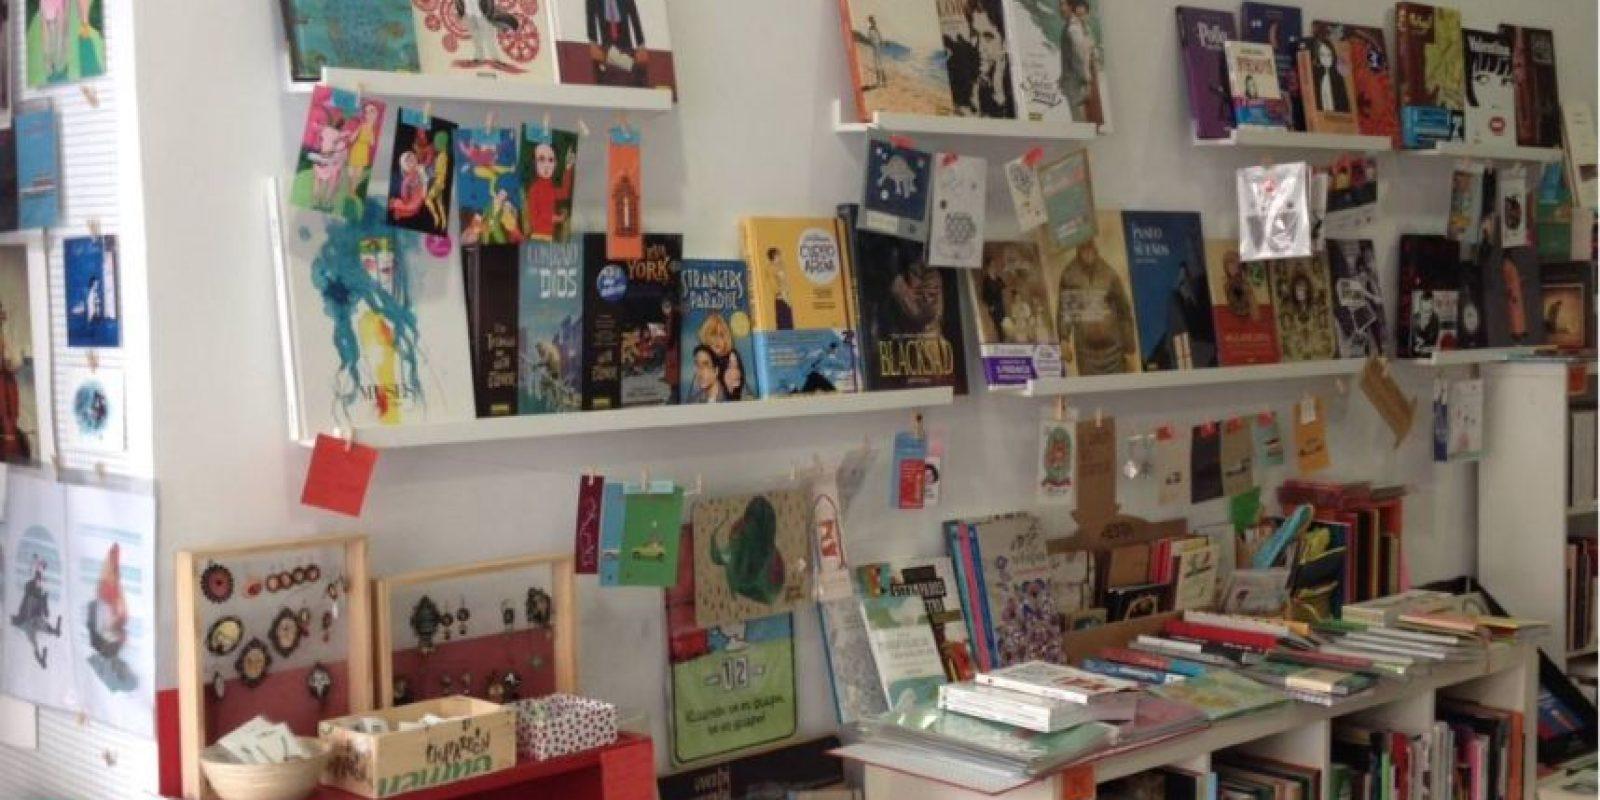 """El mensaje fue colocado en una de las ventanas de la librería """"Casa Tomada"""". Foto:Vía facebook.com/casatomada.sevilla"""